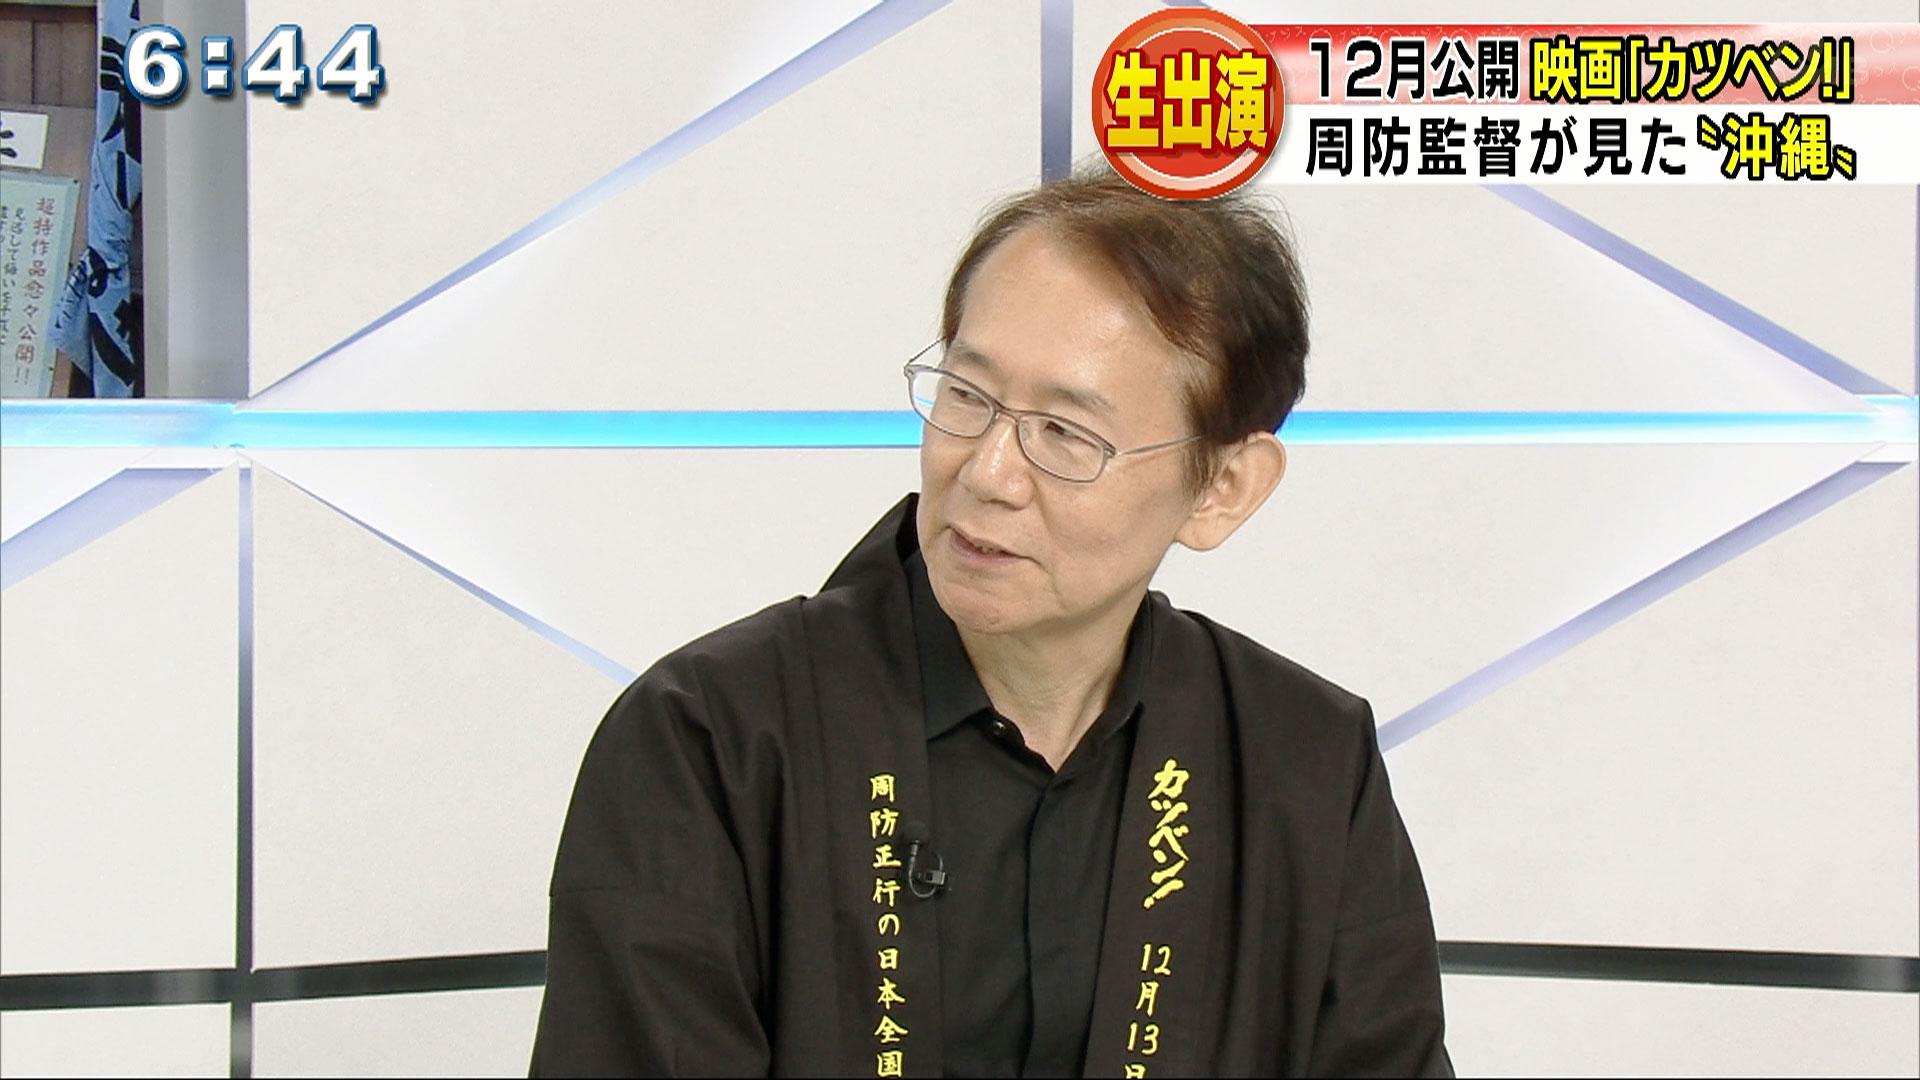 12月公開の映画「カツベン!」の周防正行監督生出演